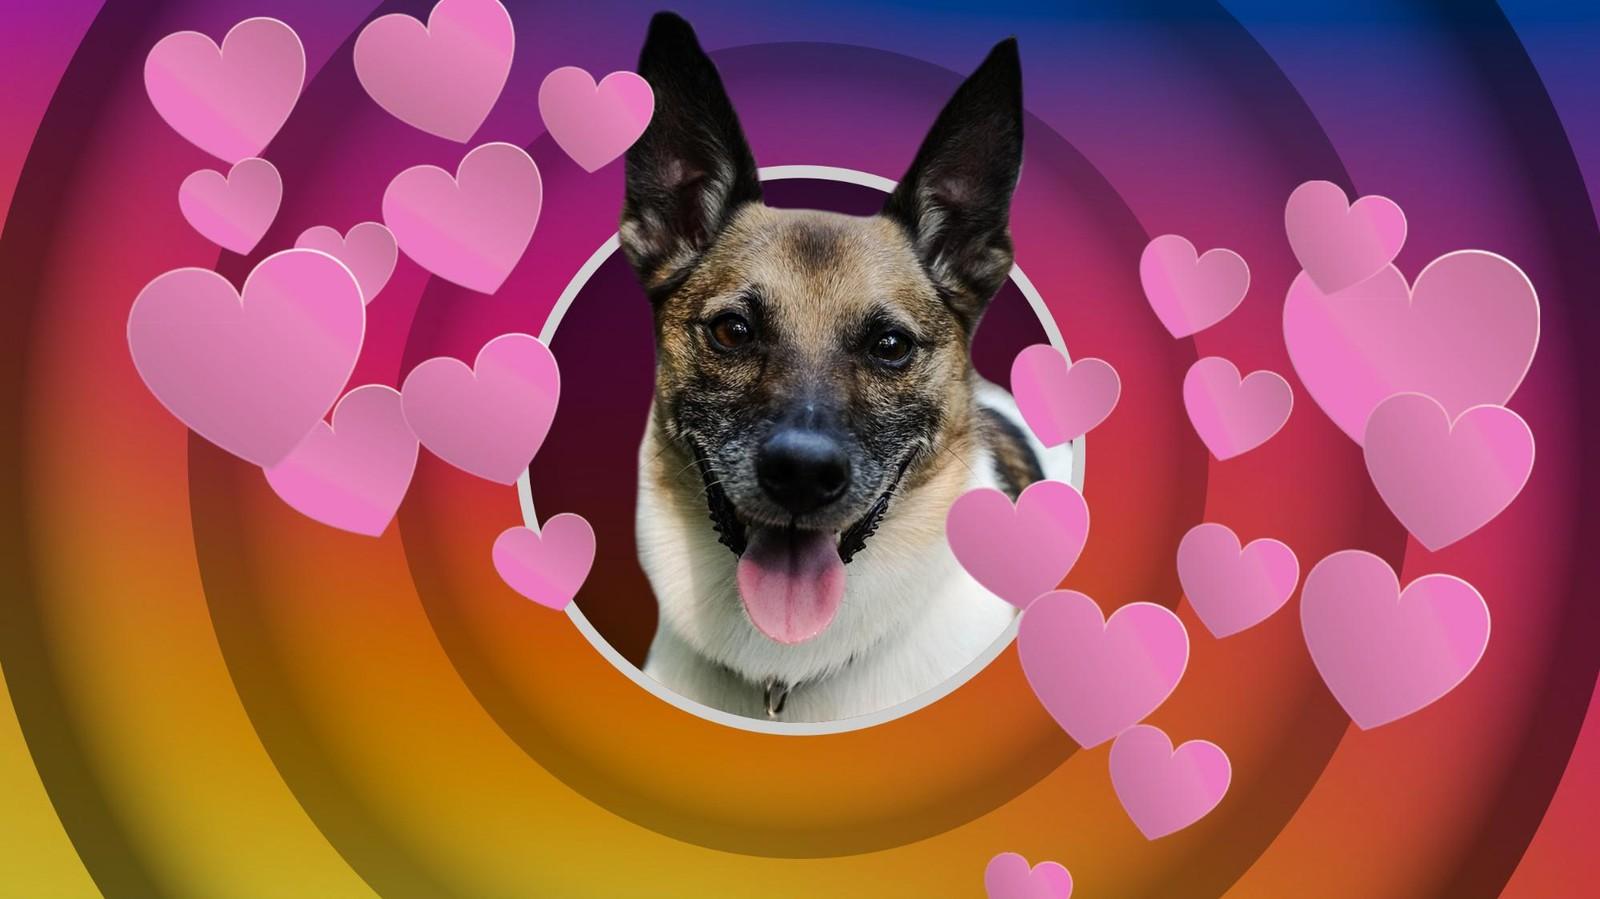 Follower kaufen: Wir haben unseren Bürohund zum Influencer gemacht